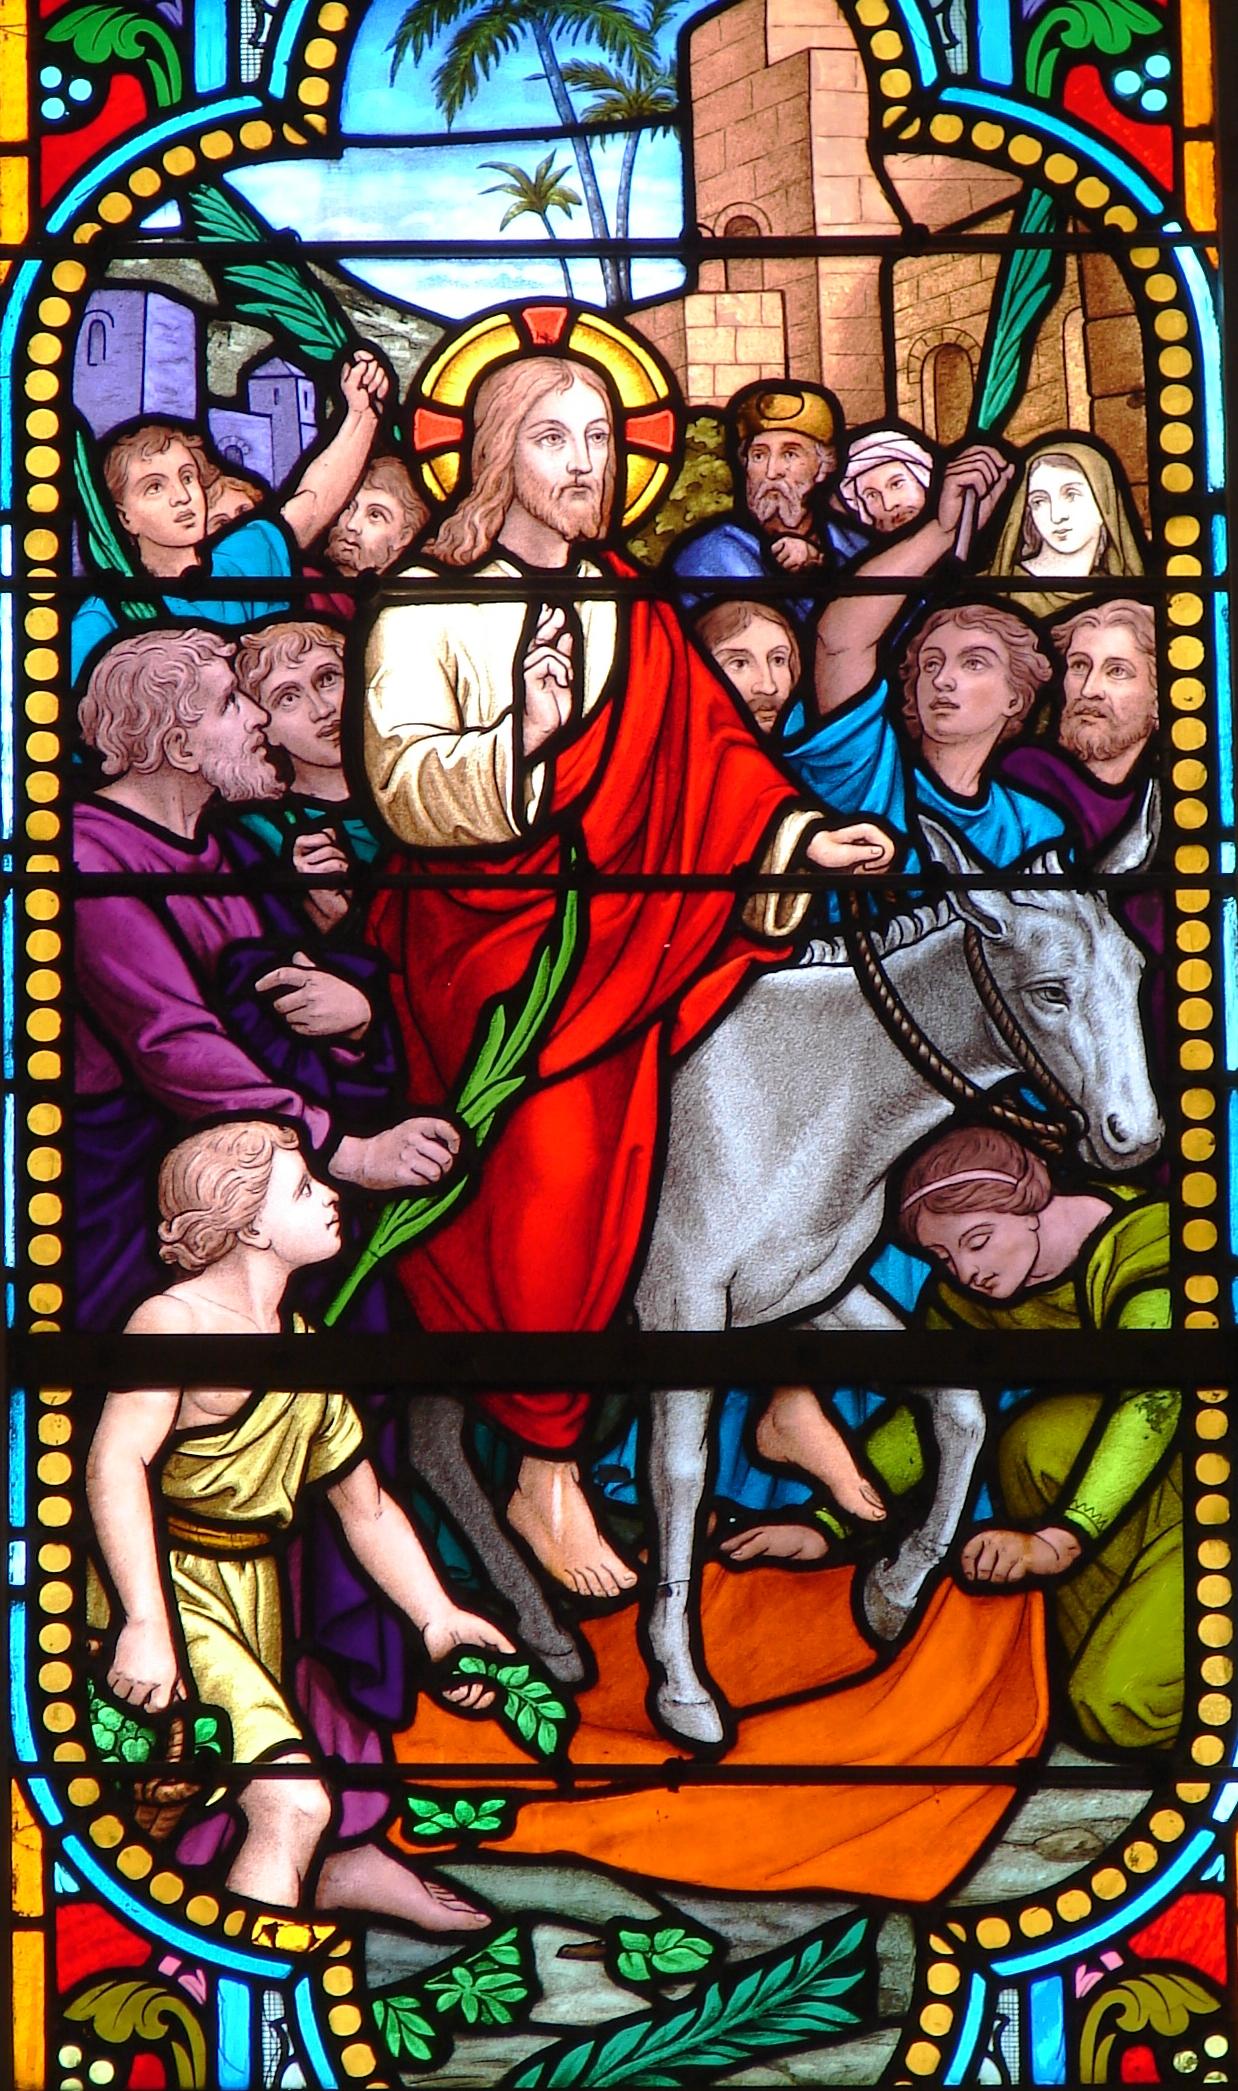 CALENDRIER CATHOLIQUE 2020 (Cantiques, Prières & Images) - Page 10 Les-rameaux-57378ab